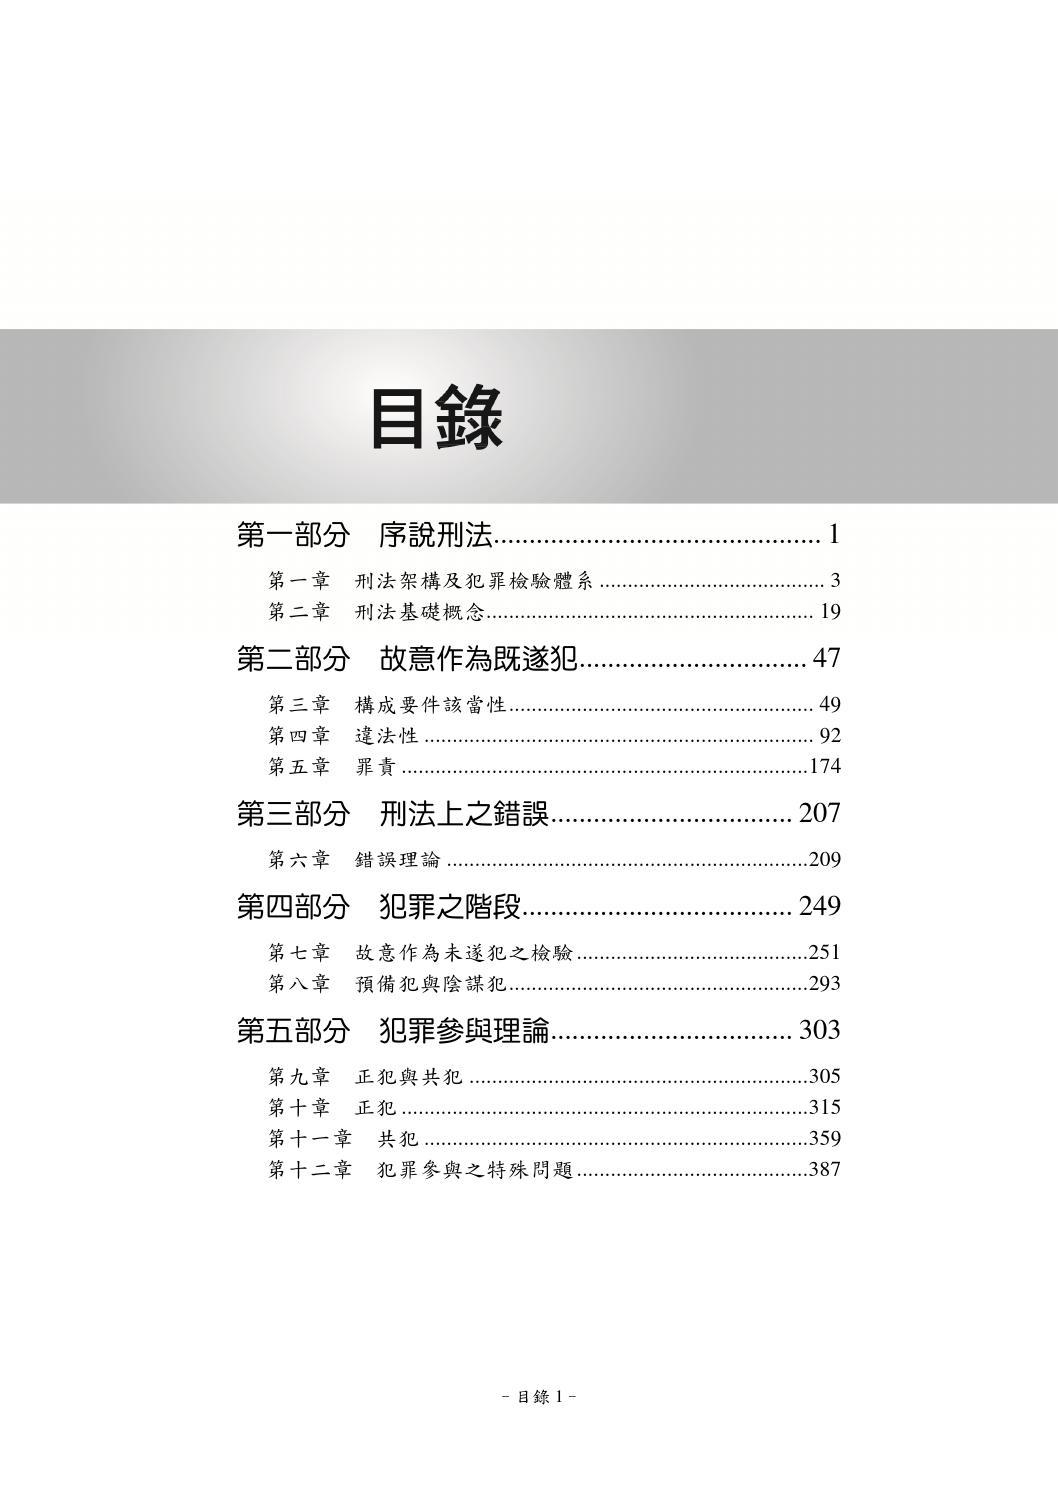 1c107內文 issuu by 新保成出版社 - Issuu